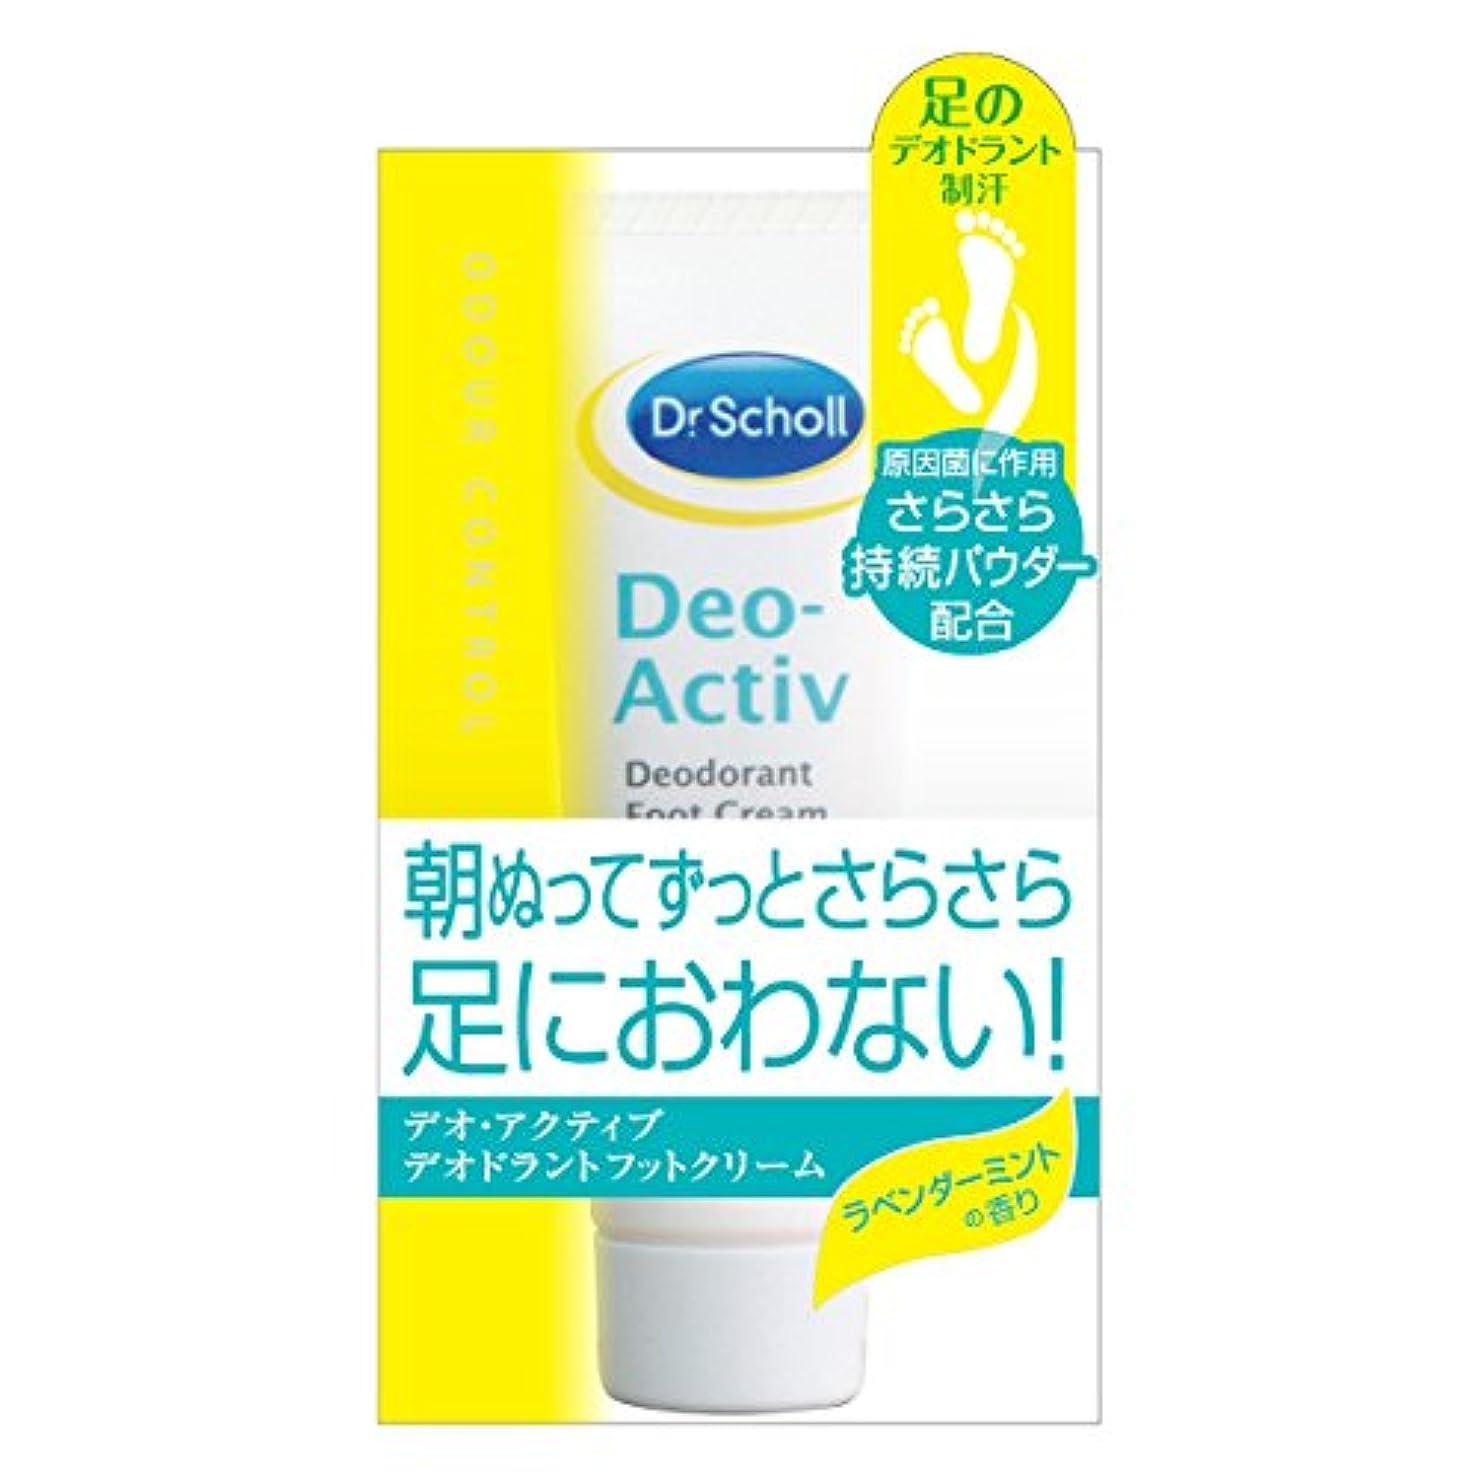 【医薬部外品)】ドクターショール 足用制汗デオドラント フットクリーム 30g